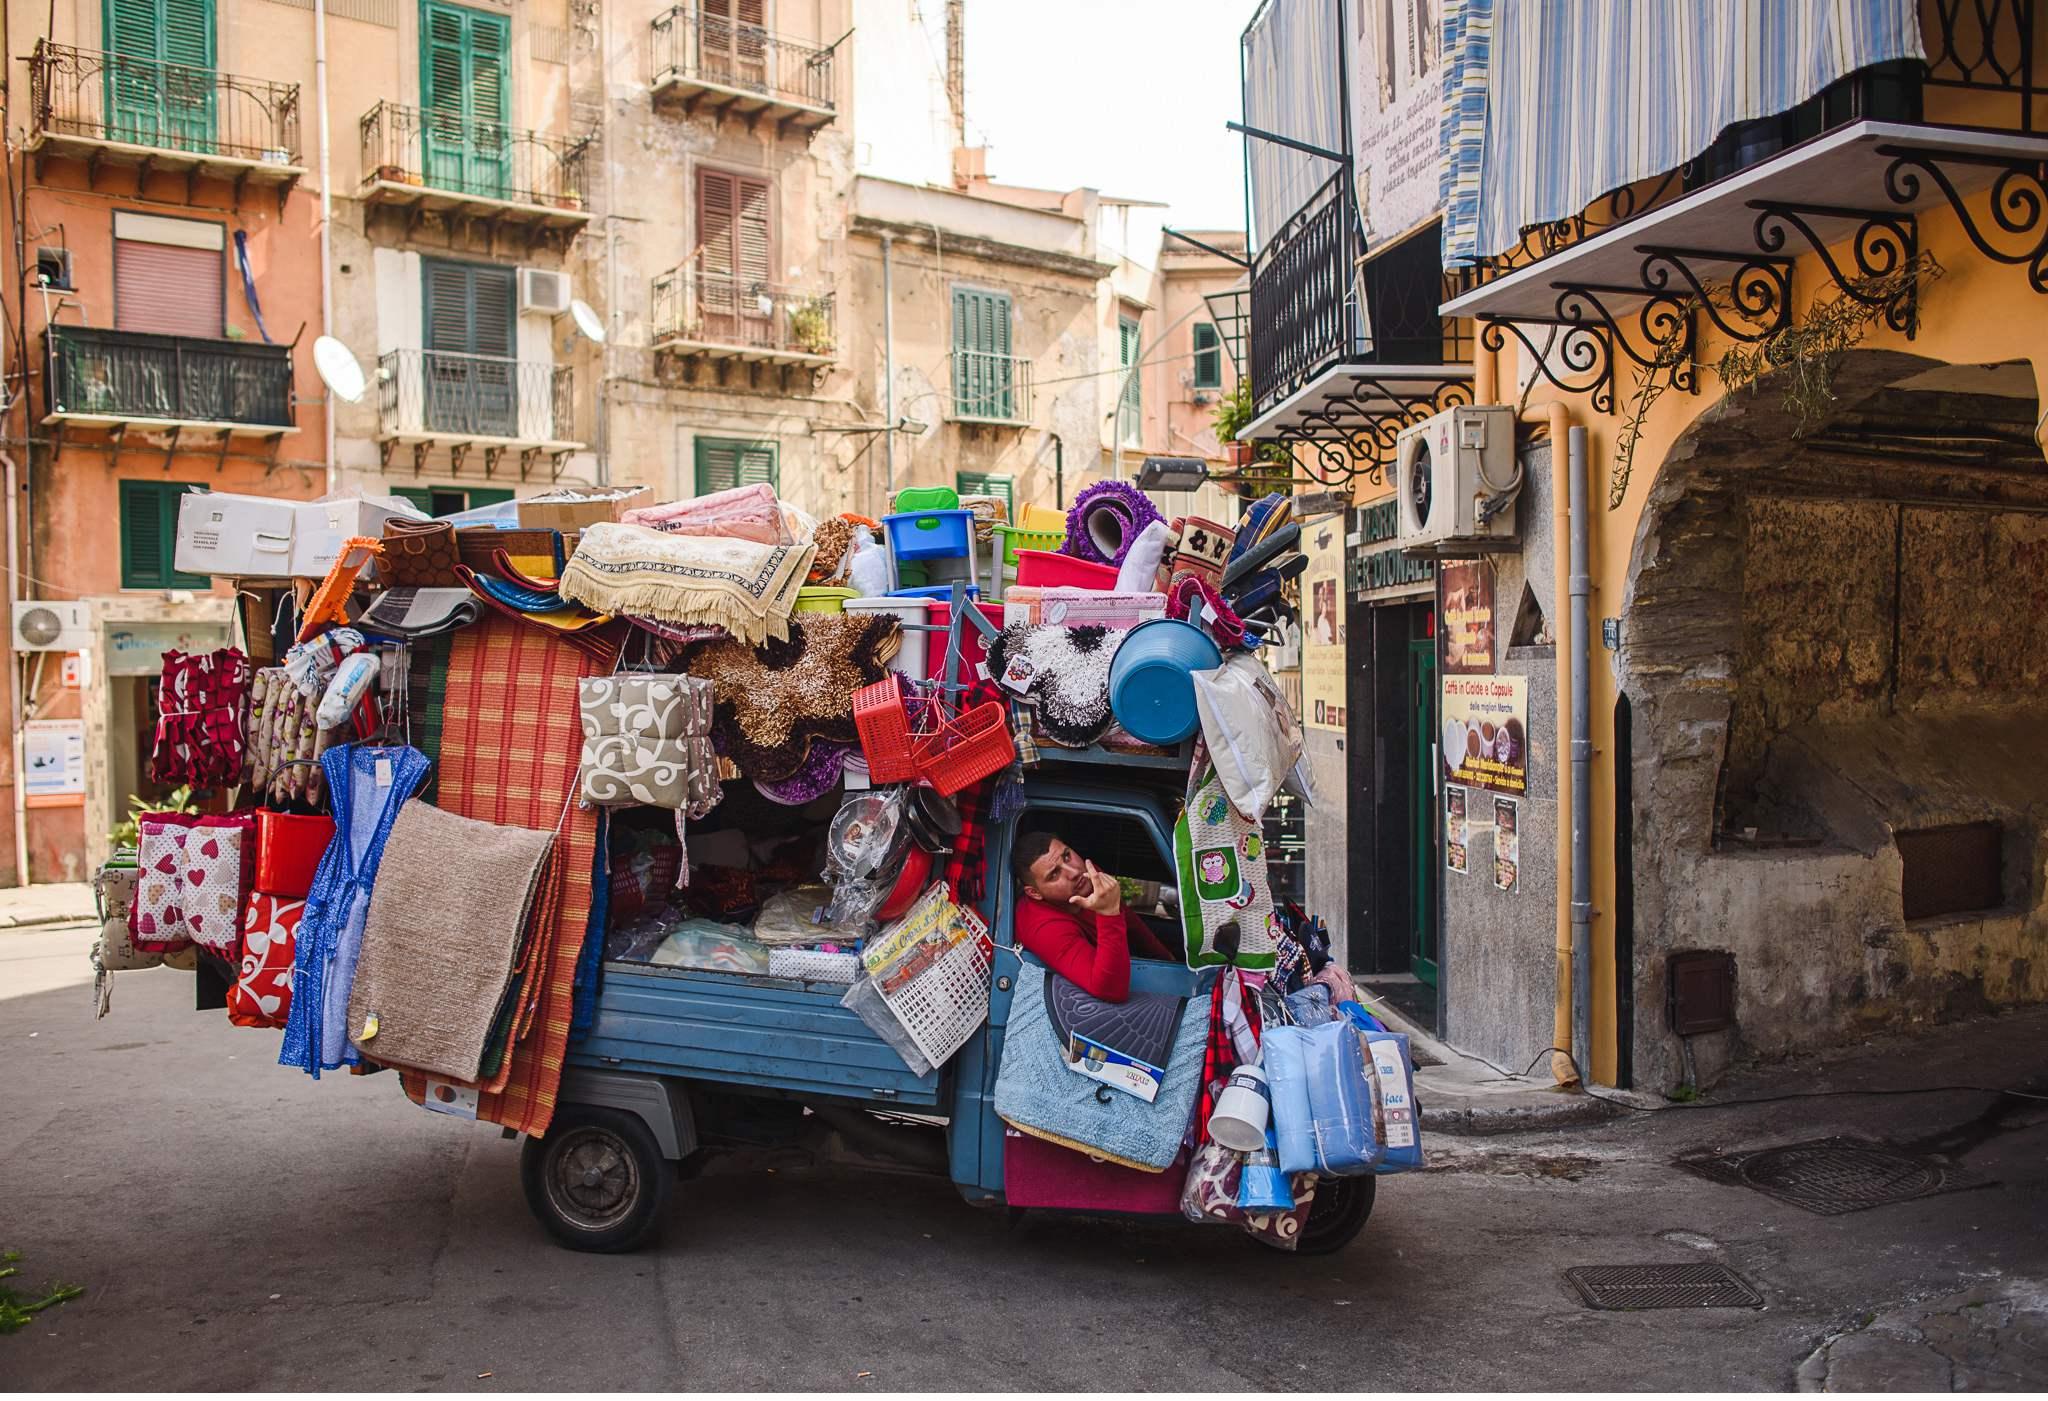 Palermo - visit Palermo - Italien - By Daniel Kempf-Seifried - Geschichten von unterwegs-74